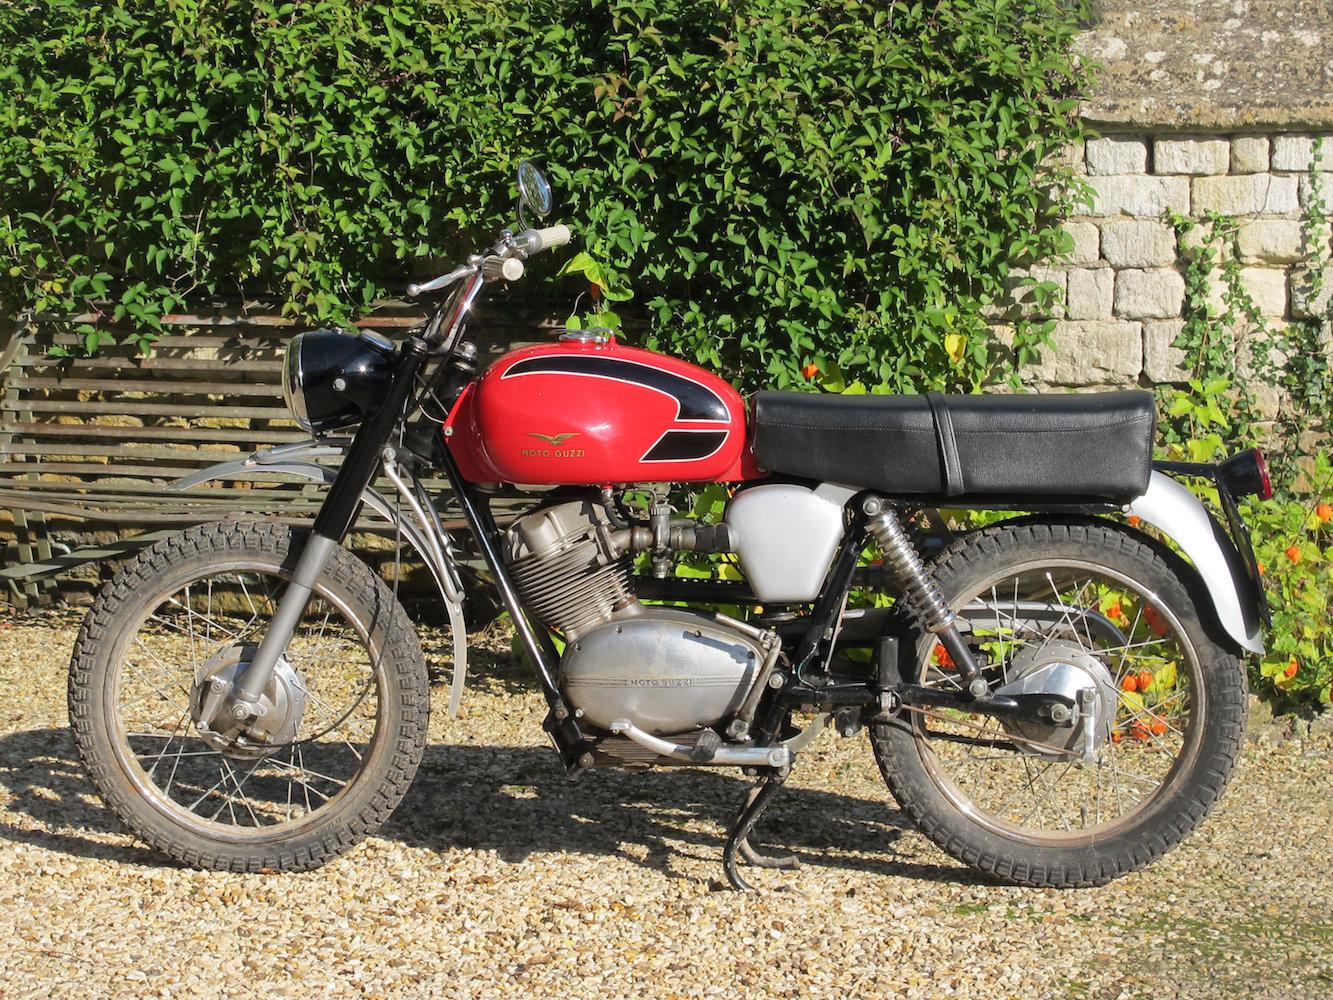 1968 Moto guzzi 125cc stornello For Sale (picture 1 of 6)